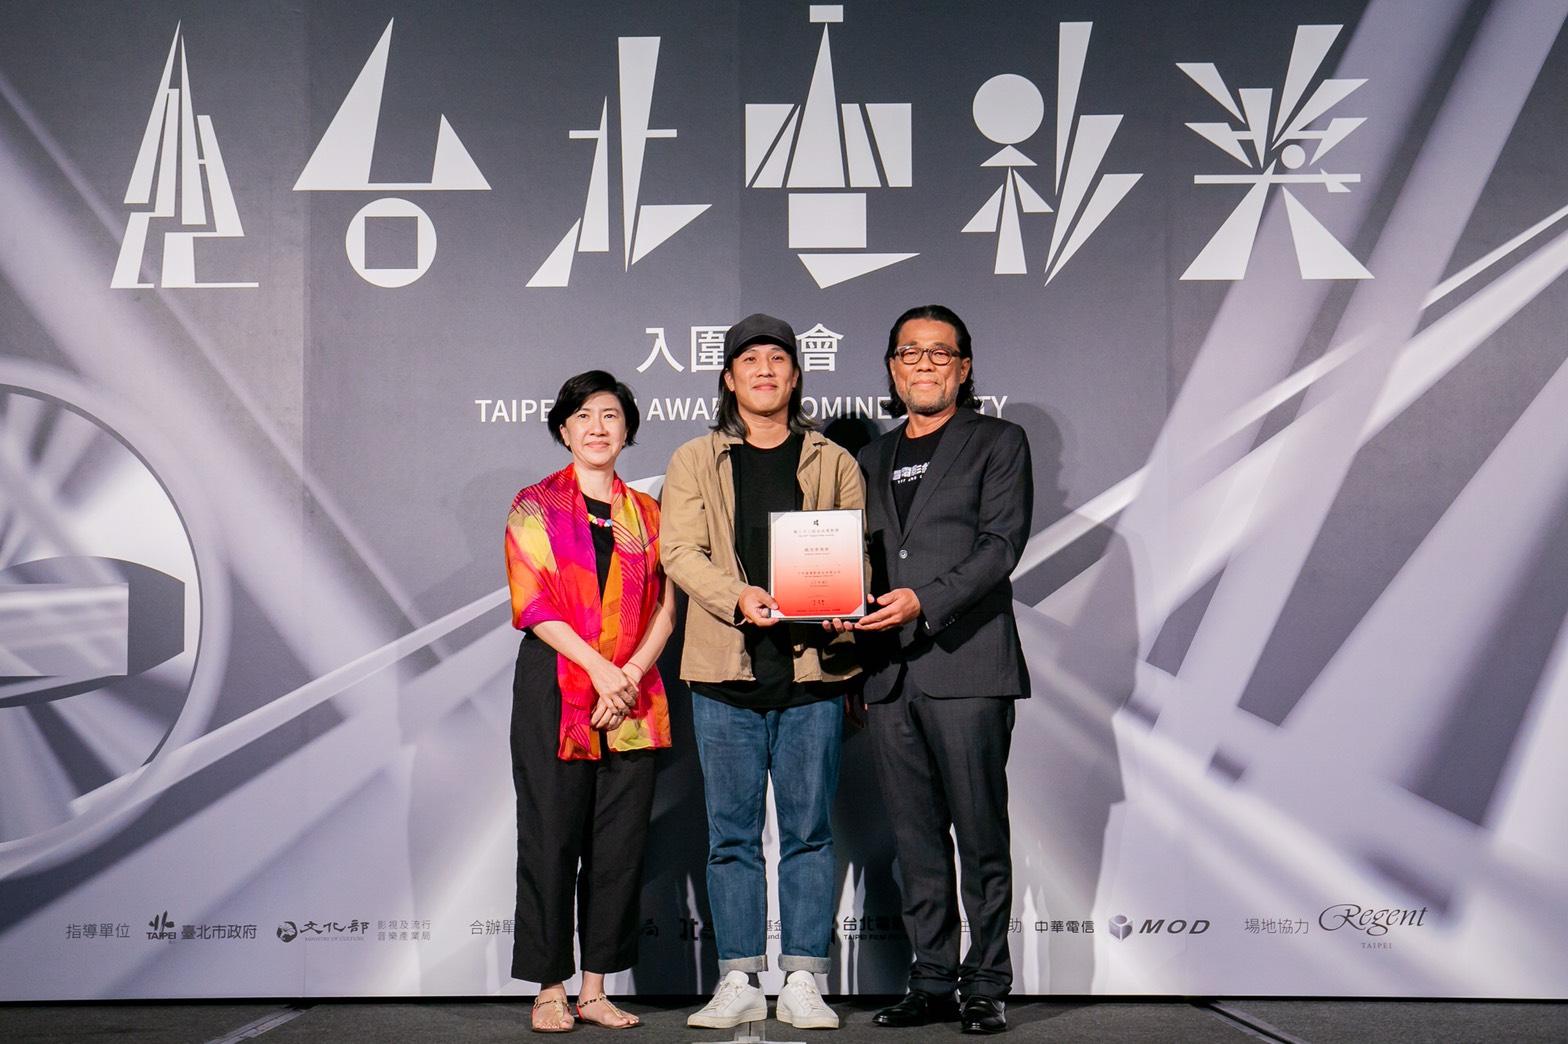 台北電影節主席李屏賓(右)頒發觀眾票選獎給《下半場》導演張榮吉(中)、監製陳寶旭。